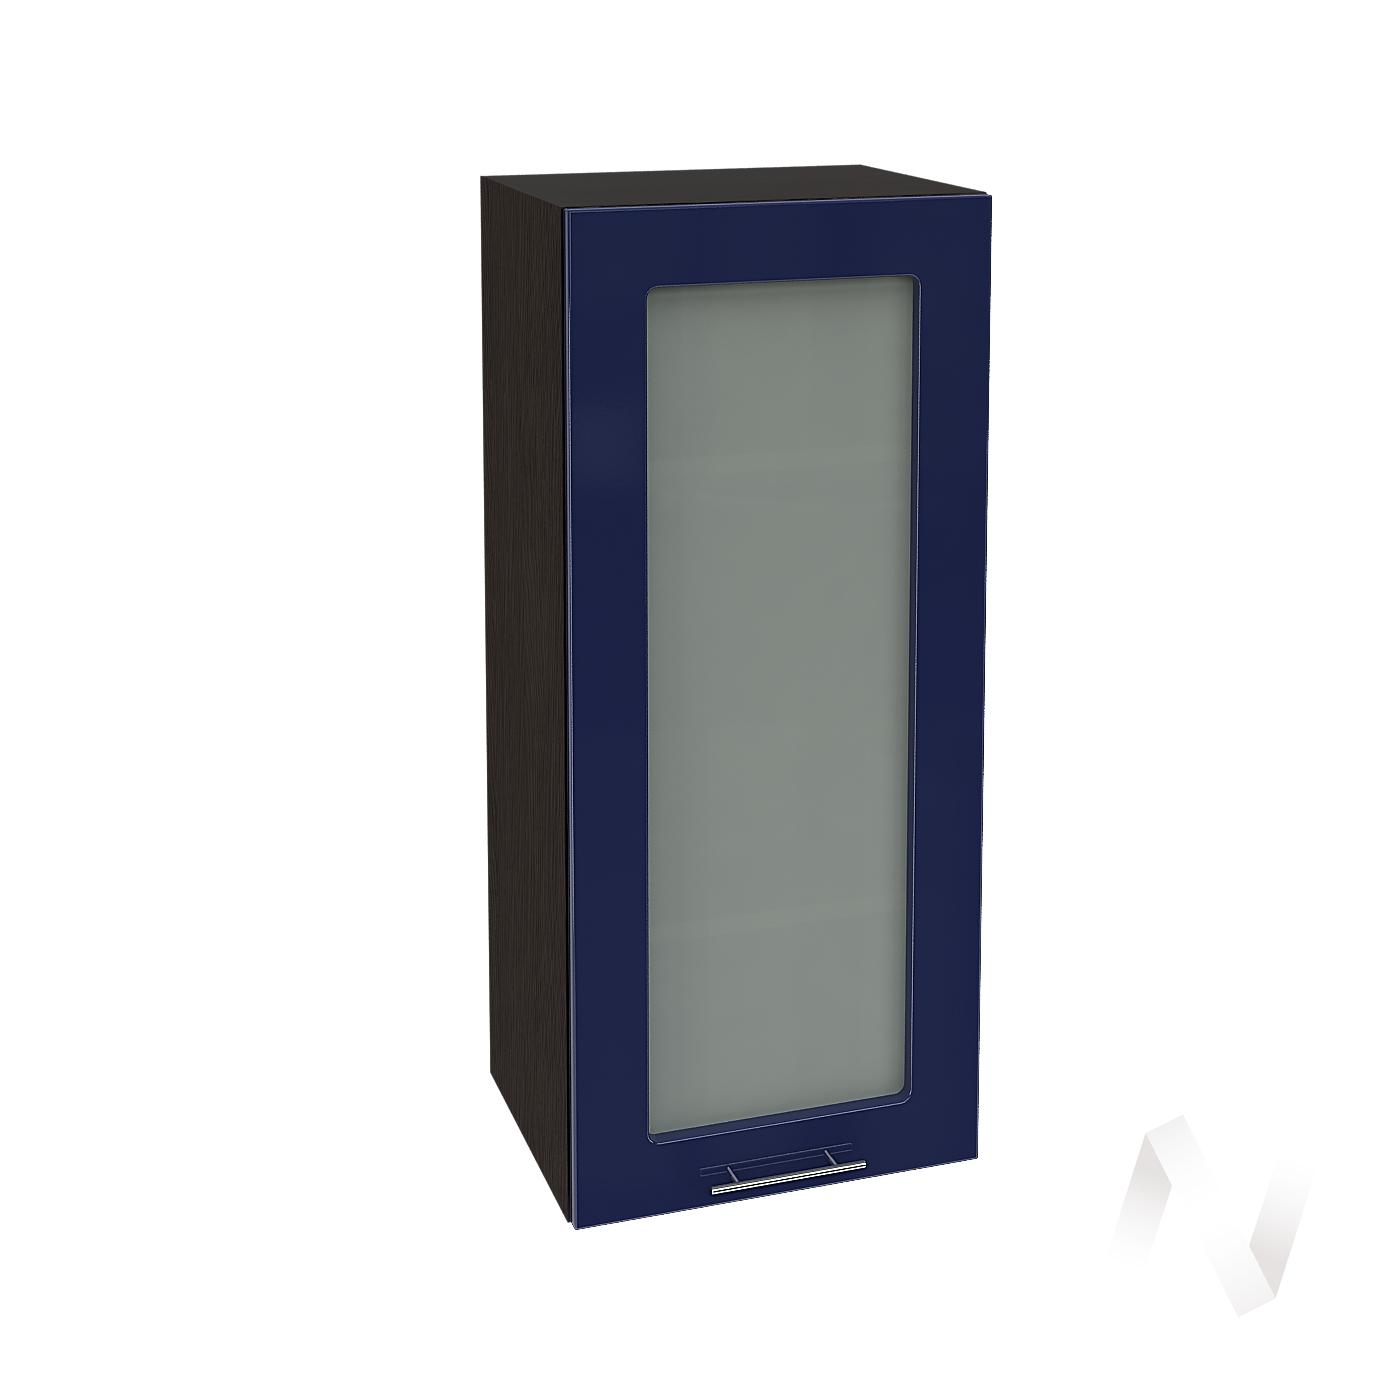 """Кухня """"Валерия-М"""": Шкаф верхний со стеклом 409, ШВС 409 (Синий глянец/корпус венге)"""